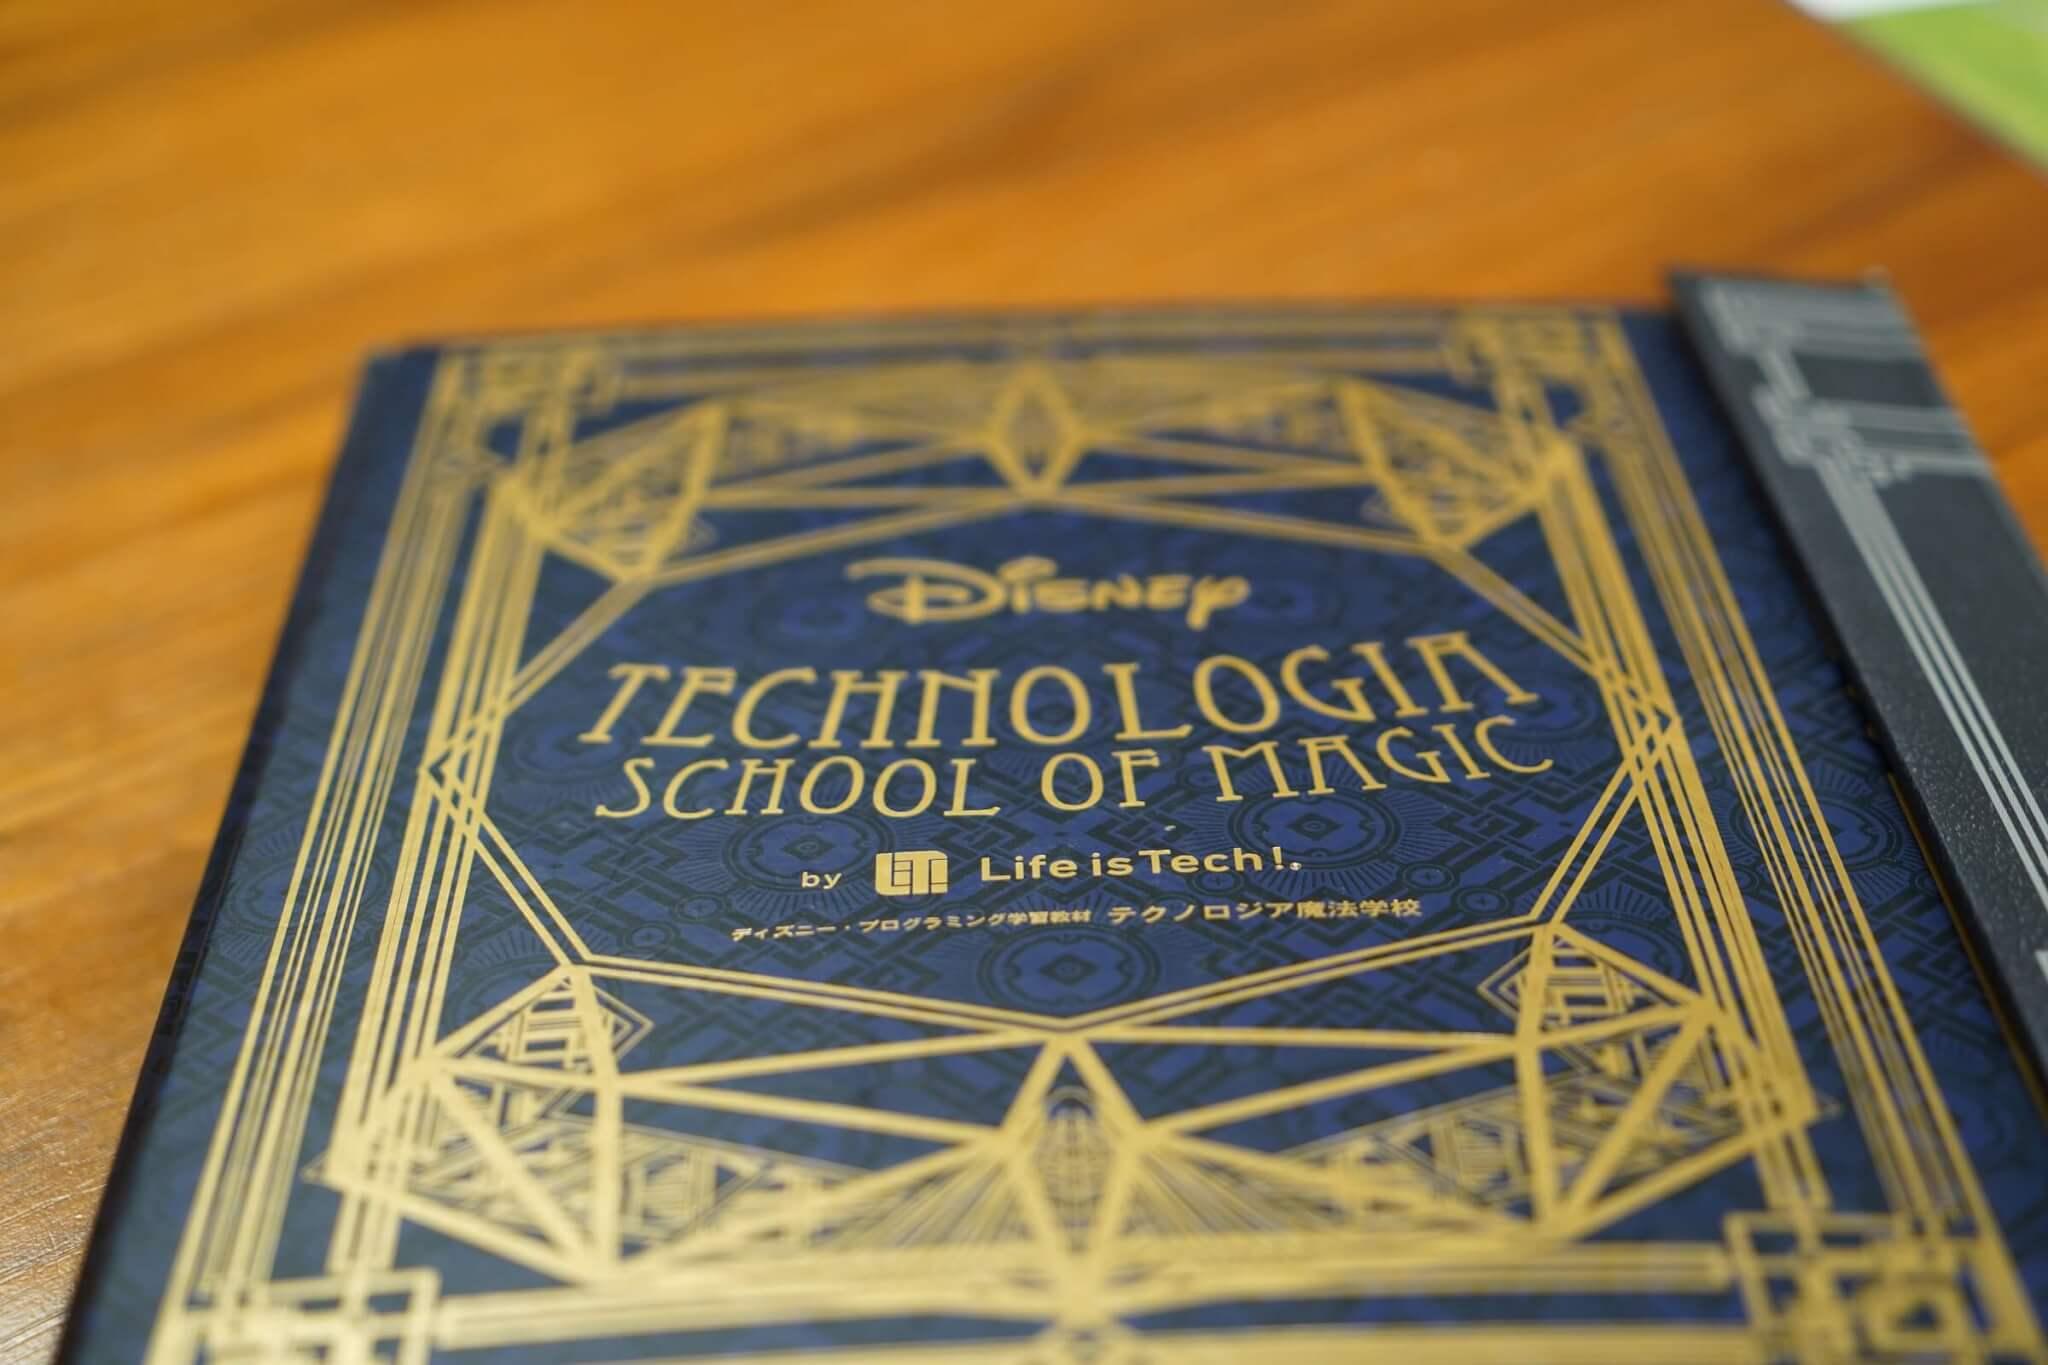 ディズニー・プログラミング学習教材「テクノロジア魔法学校」